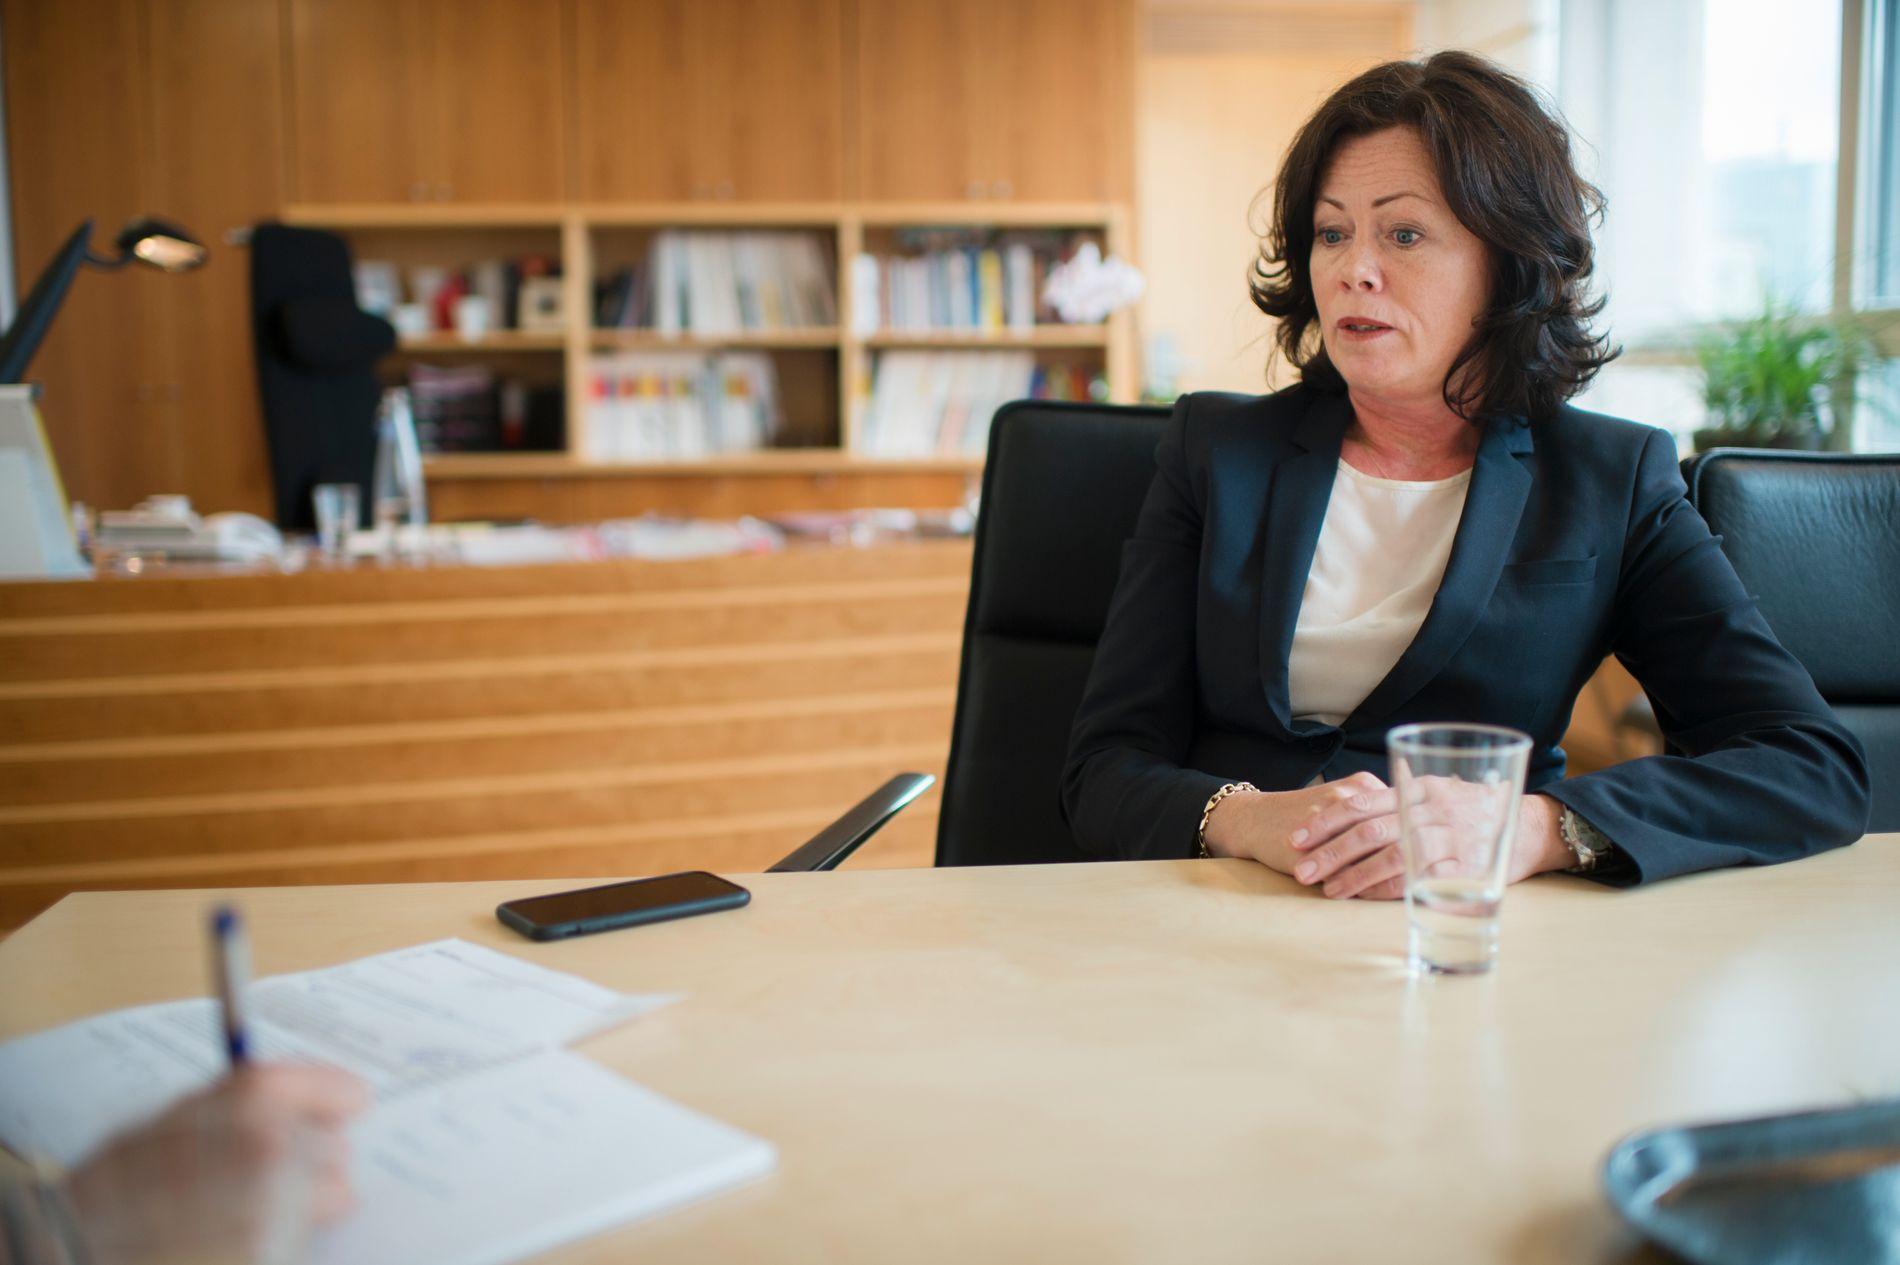 ANSVARLIG STATSRÅD: Barneminister Solveig Horne (Frp) møtte VG på kontoret sitt i Oslo torsdag